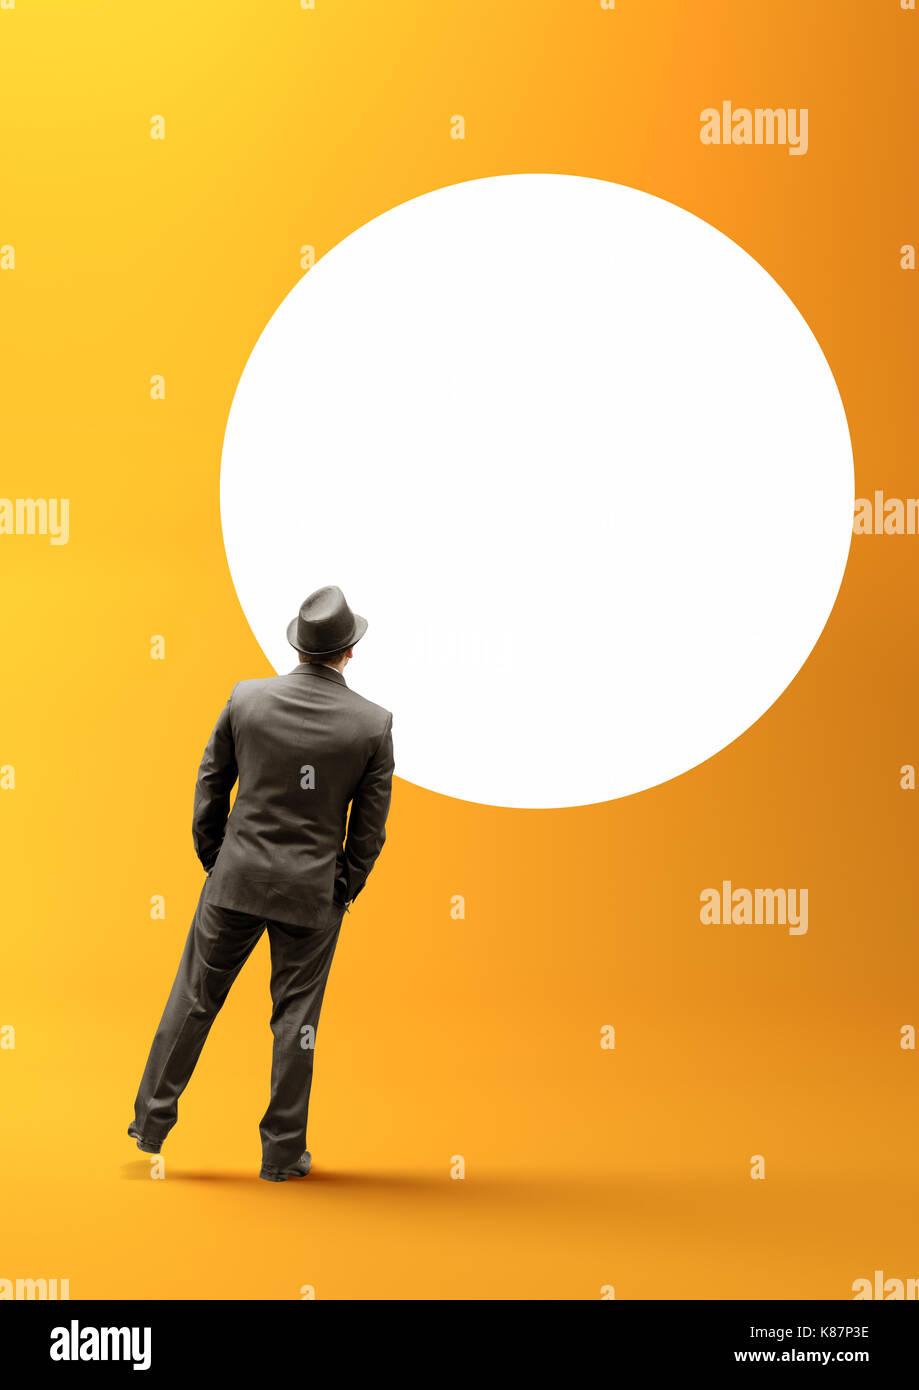 Un homme d'affaires intelligents yeux dans un cercle blanc. Photo Stock